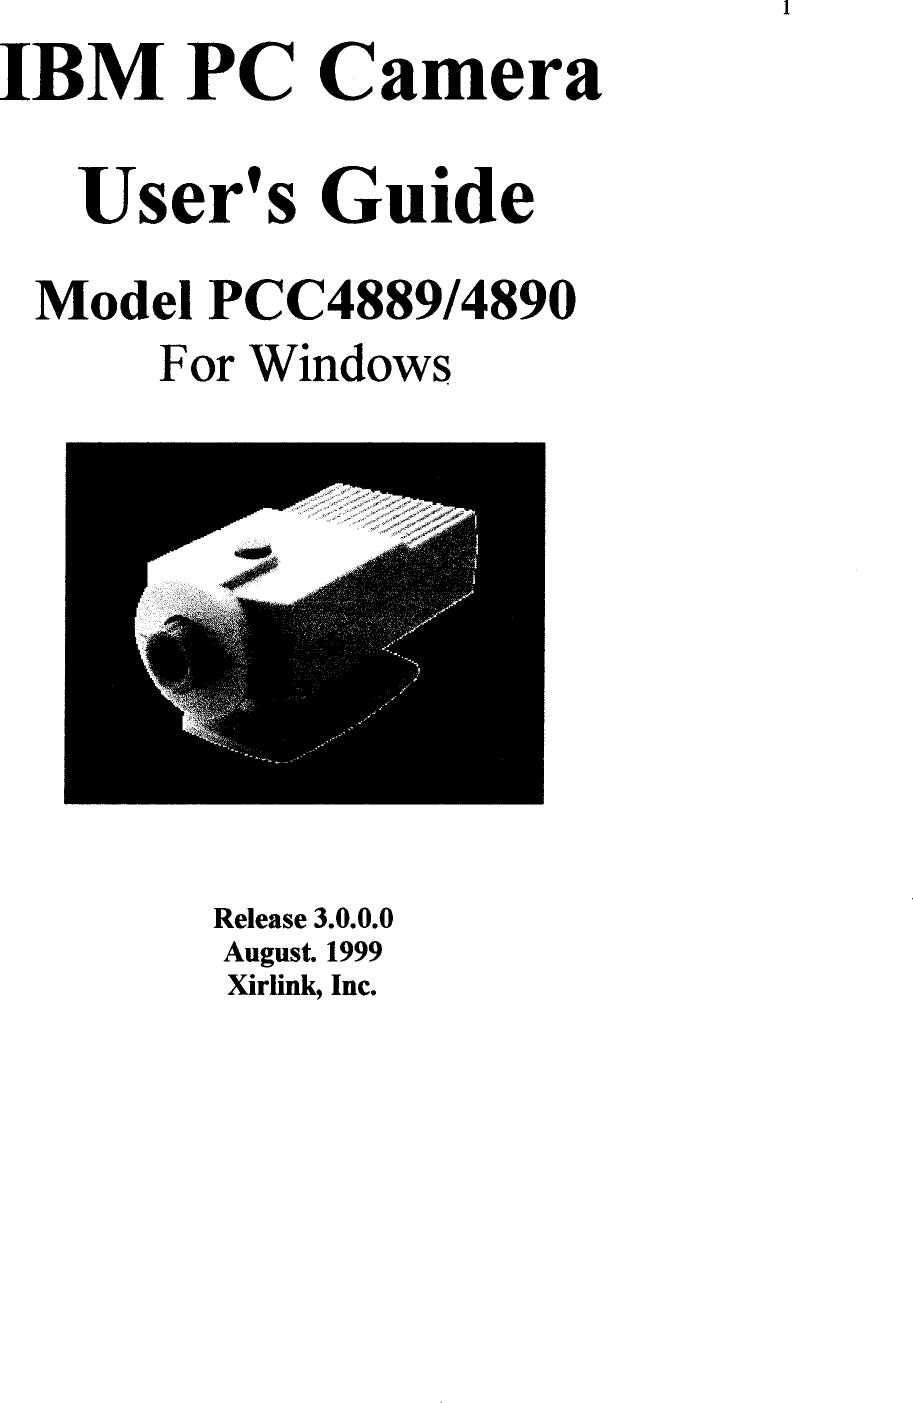 XIRLINK IBM PC CAMERA DESCARGAR CONTROLADOR